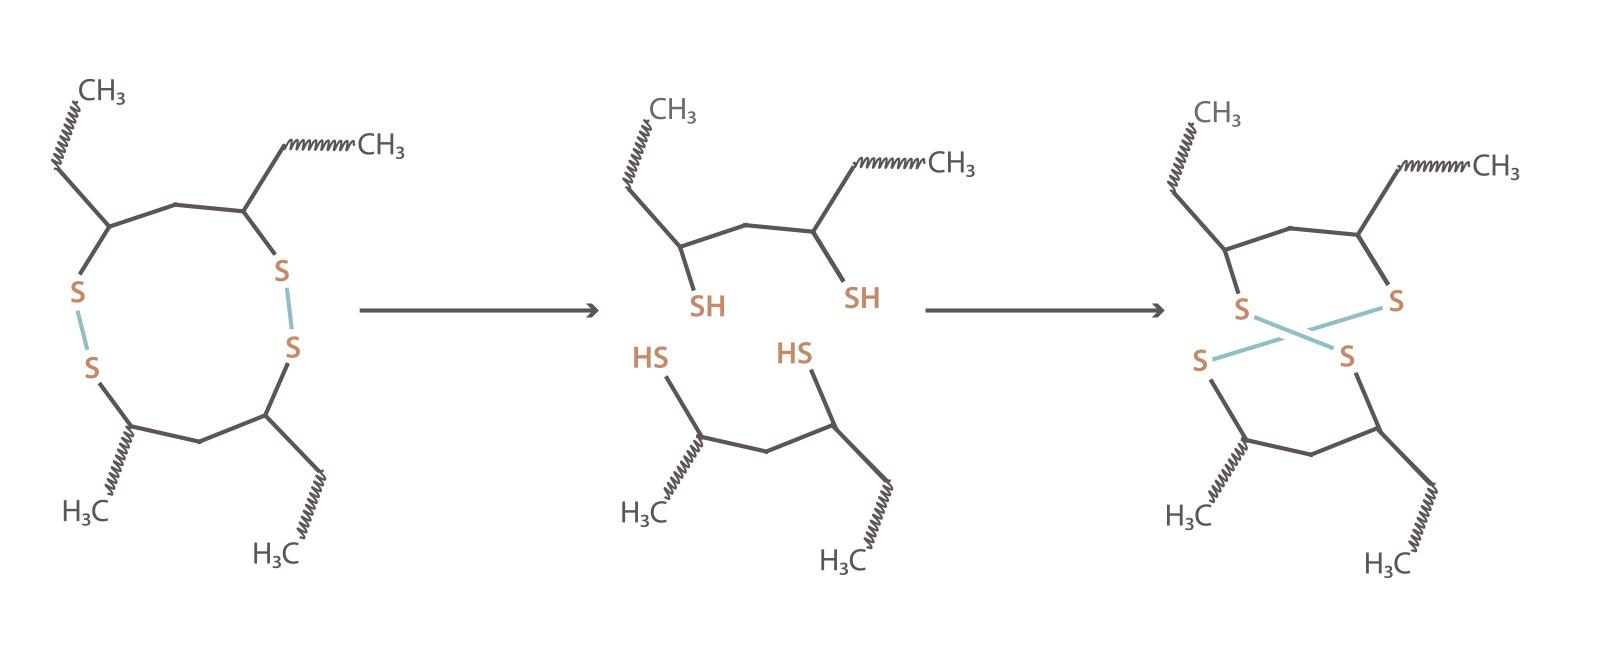 Die dauerwelle chemie